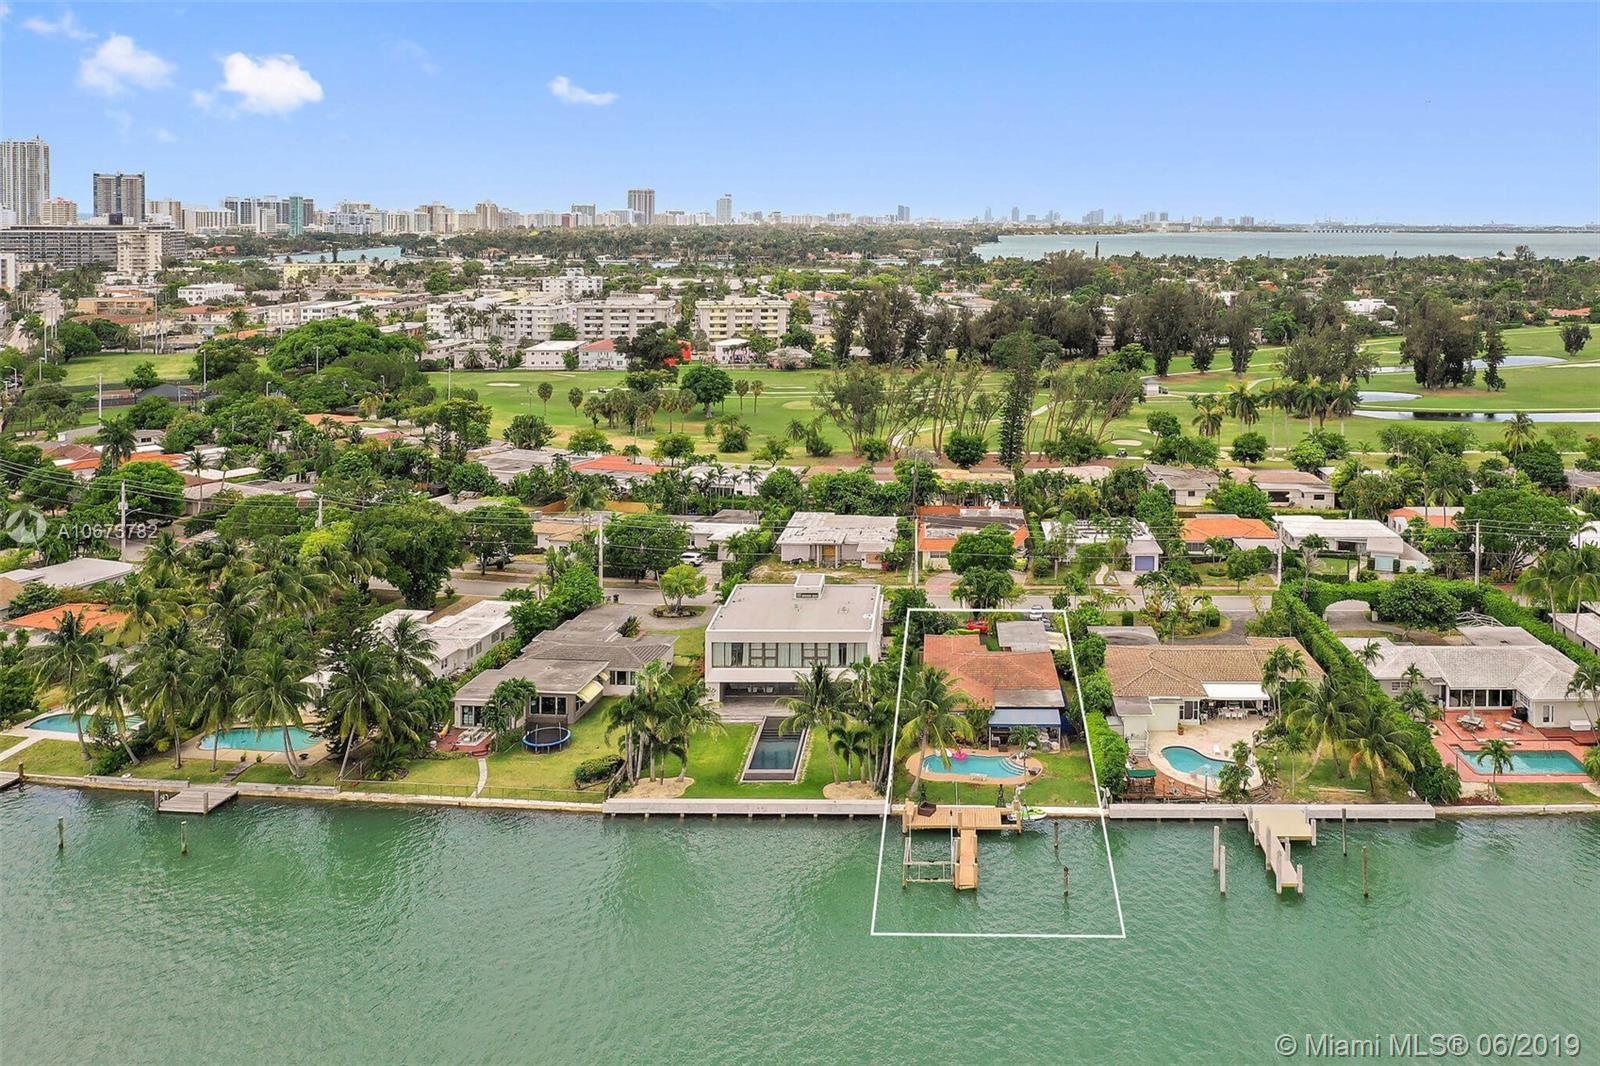 315 N Shore Dr, Miami Beach, FL 33141 - #: A10673782